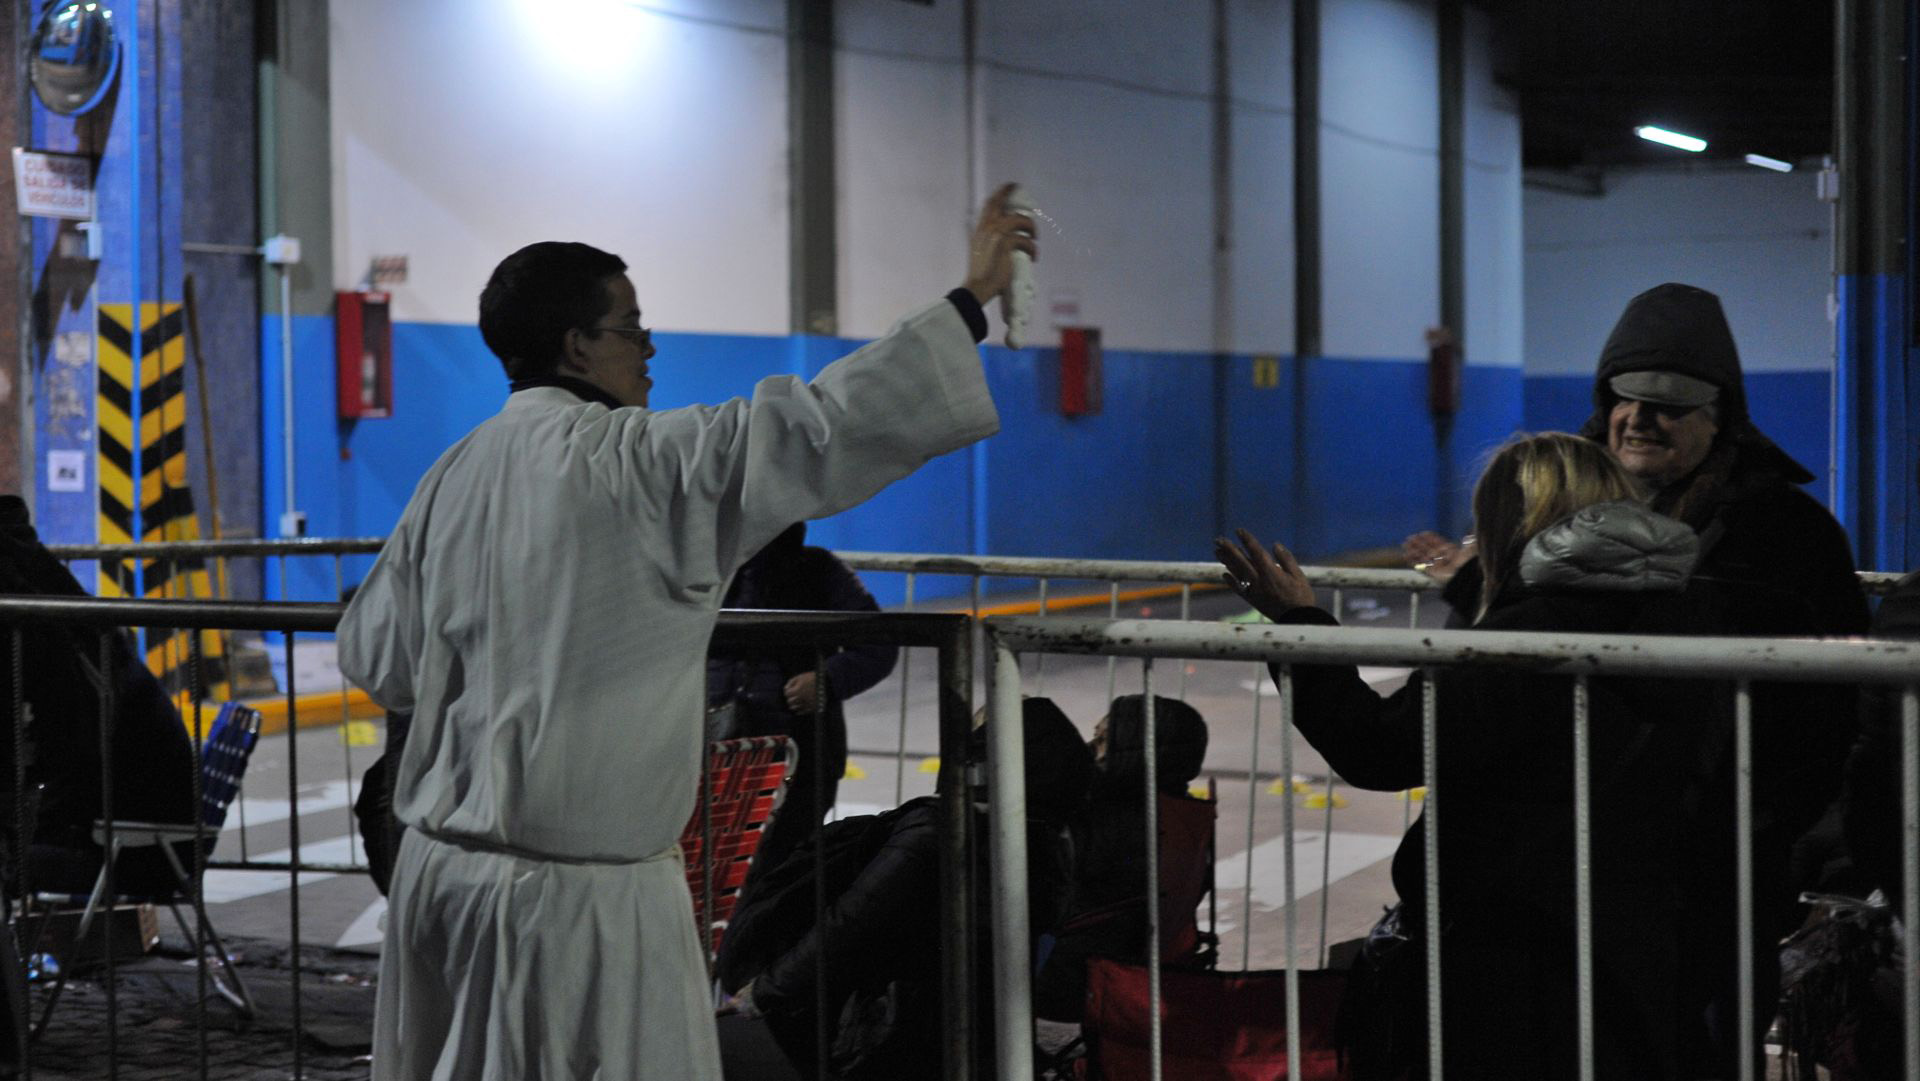 El Santuario permanecerá abierto las 24 horas. Desde las 4 se celebrarán misas cada hora hasta las 11 de la mañana